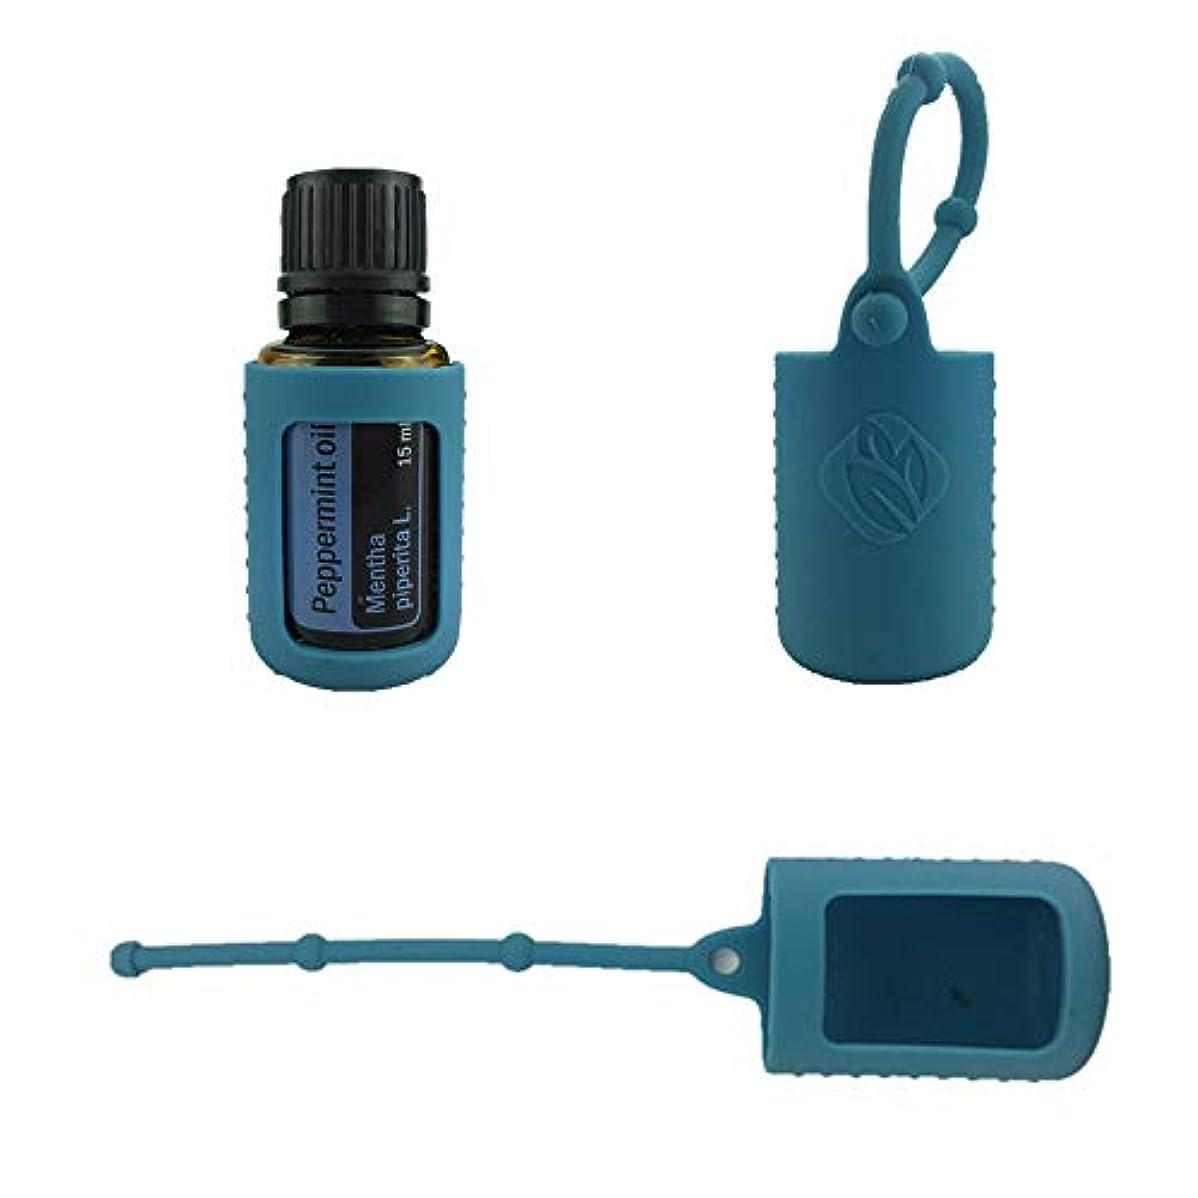 くつろぐセマフォあたたかい6パック熱望オイルボトルシリコンローラーボトルホルダースリーブエッセンシャルオイルボトル保護カバーケースハングロープ - ダンク ブルー - 6-pcs 10ml